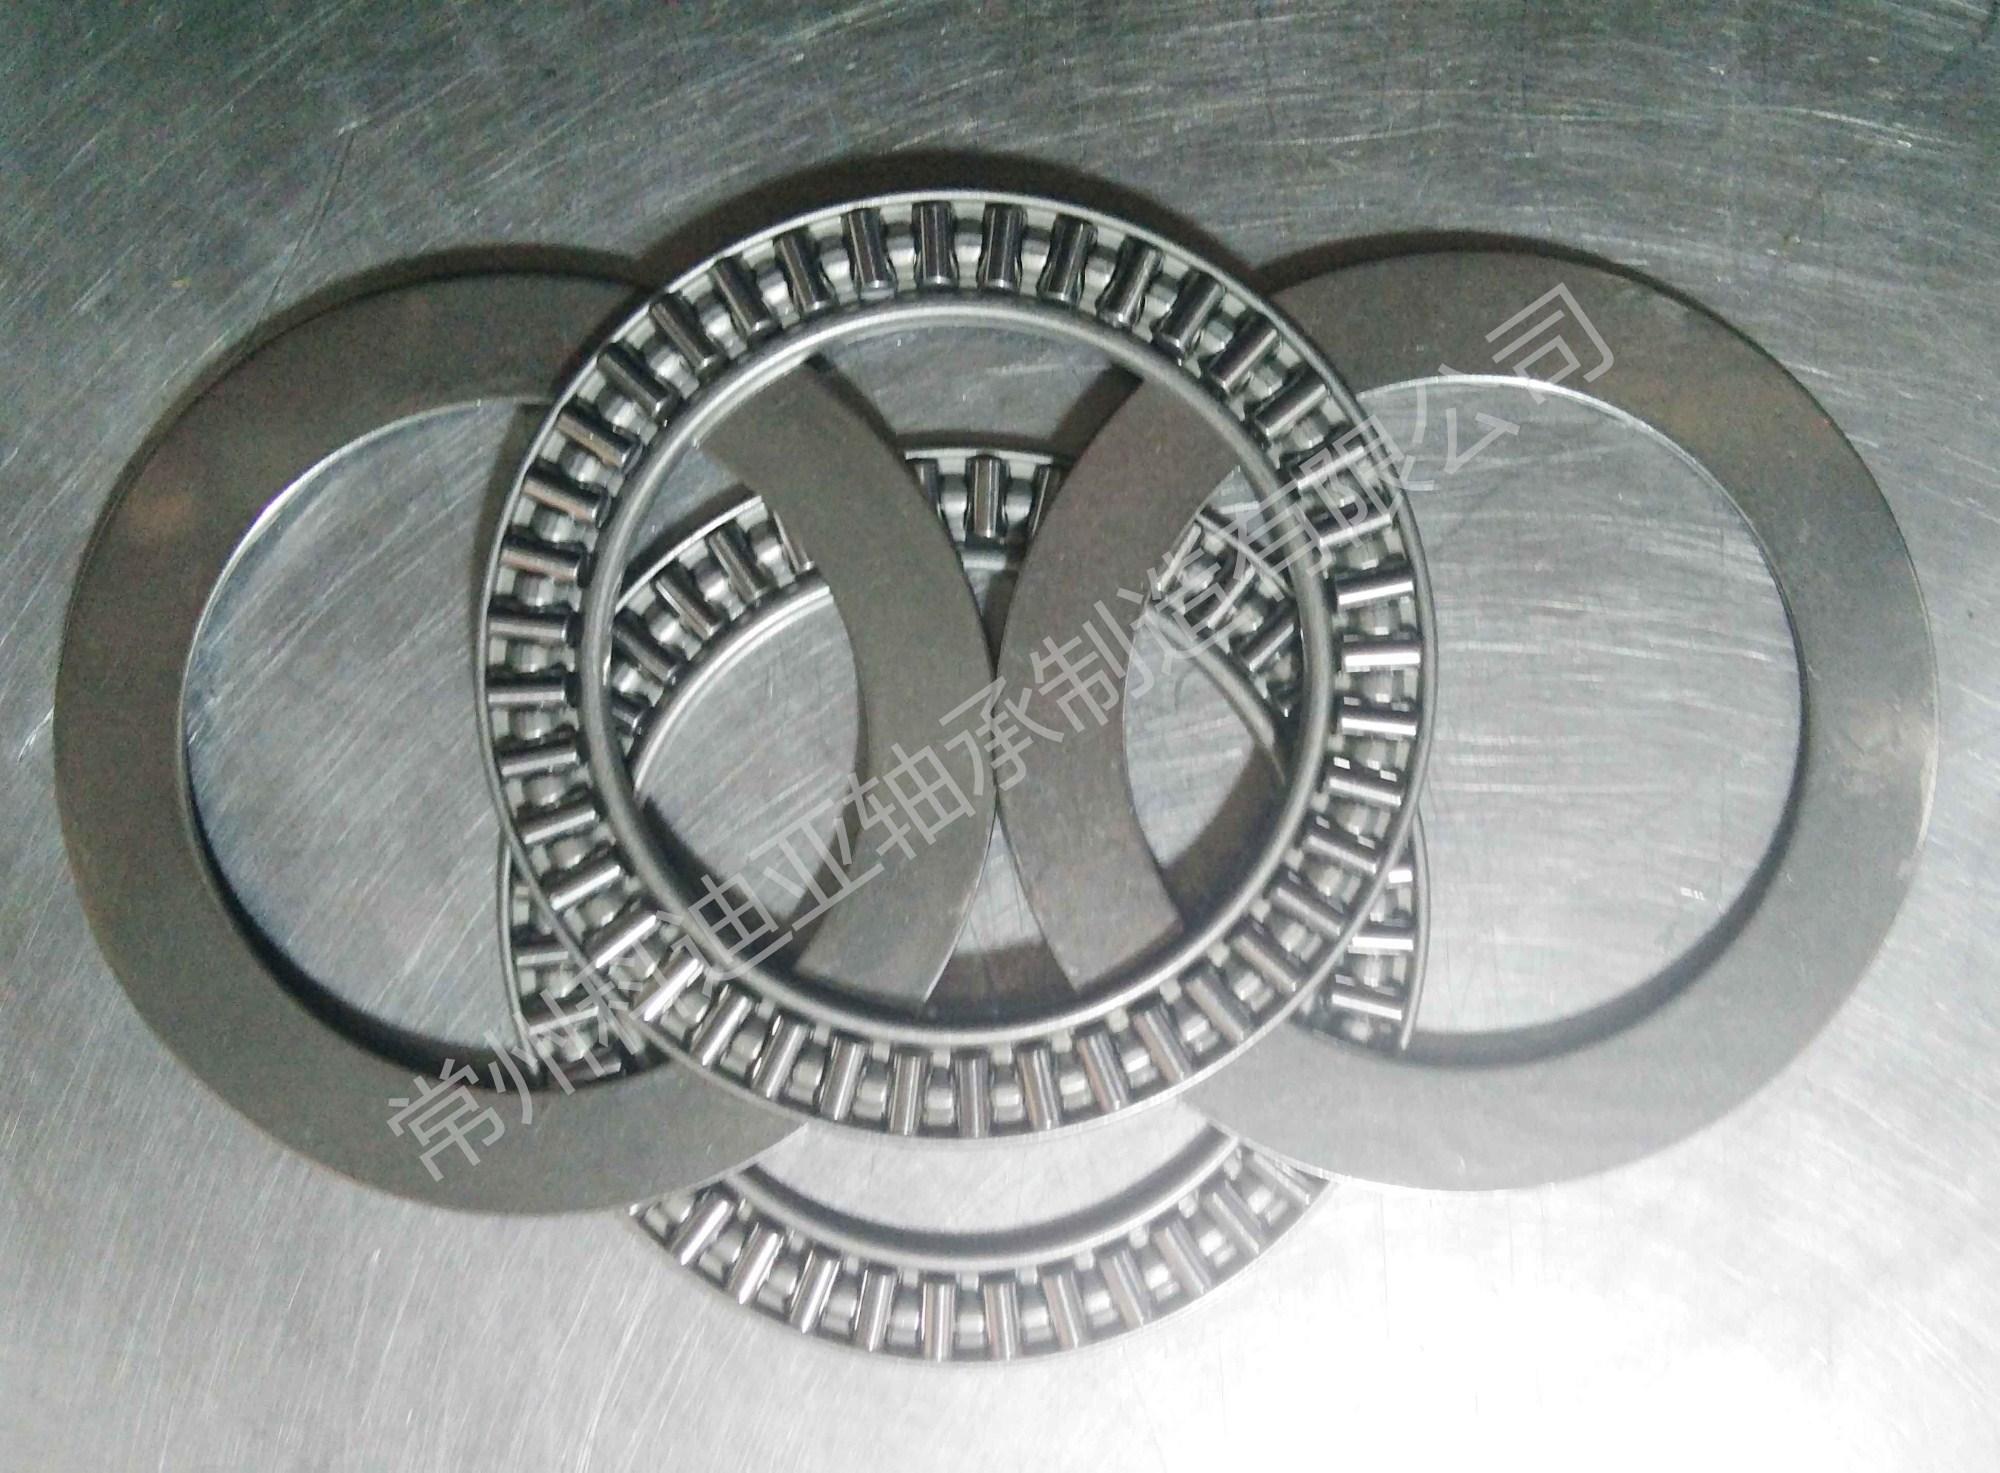 厂家定制平面轴承AXK系列  平面滚针轴承 钢平面推力滚针轴承 压力轴承设备